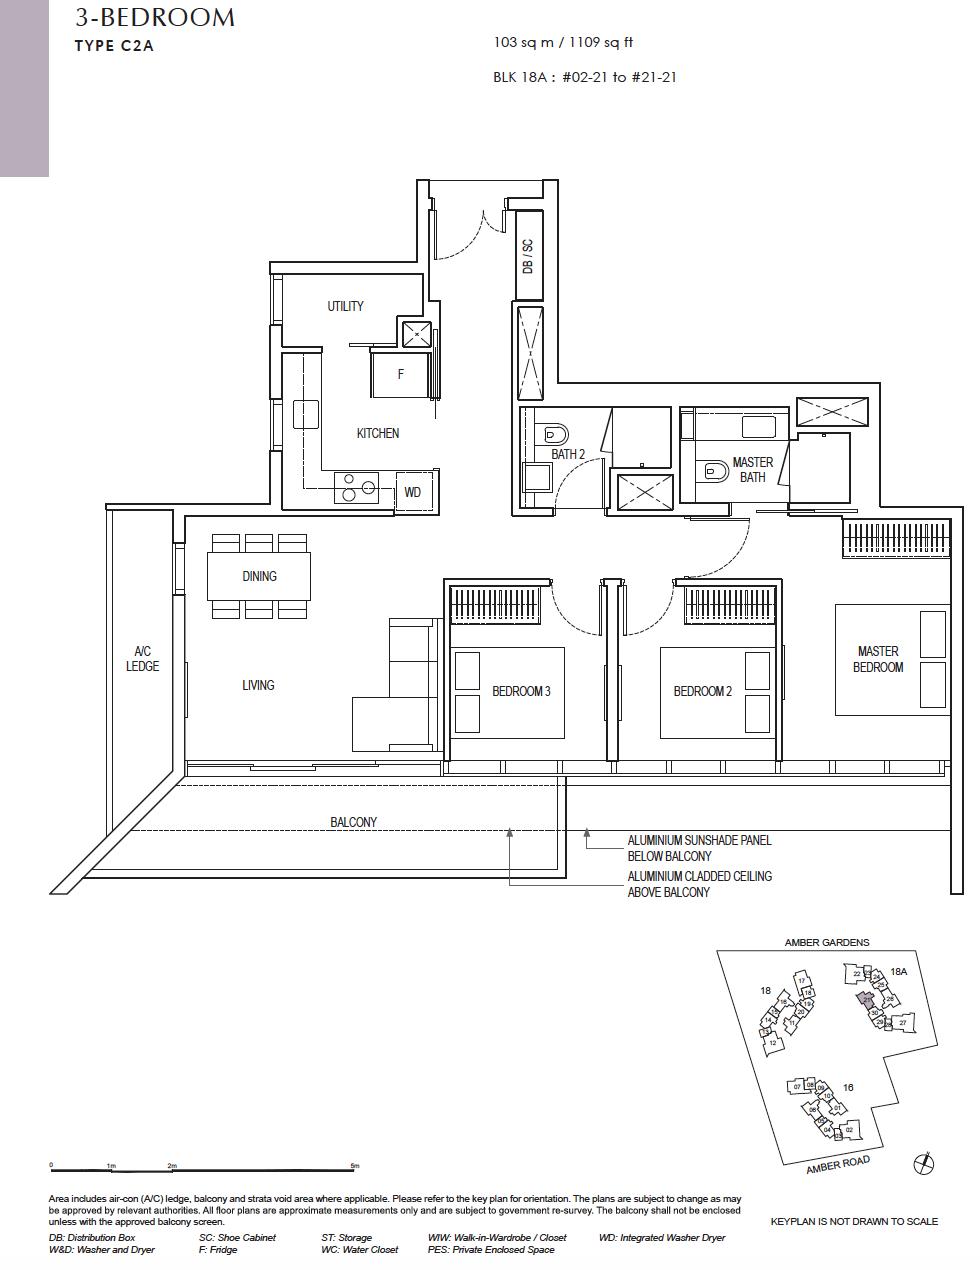 Amber-Park-3-bedroom-floor-plan